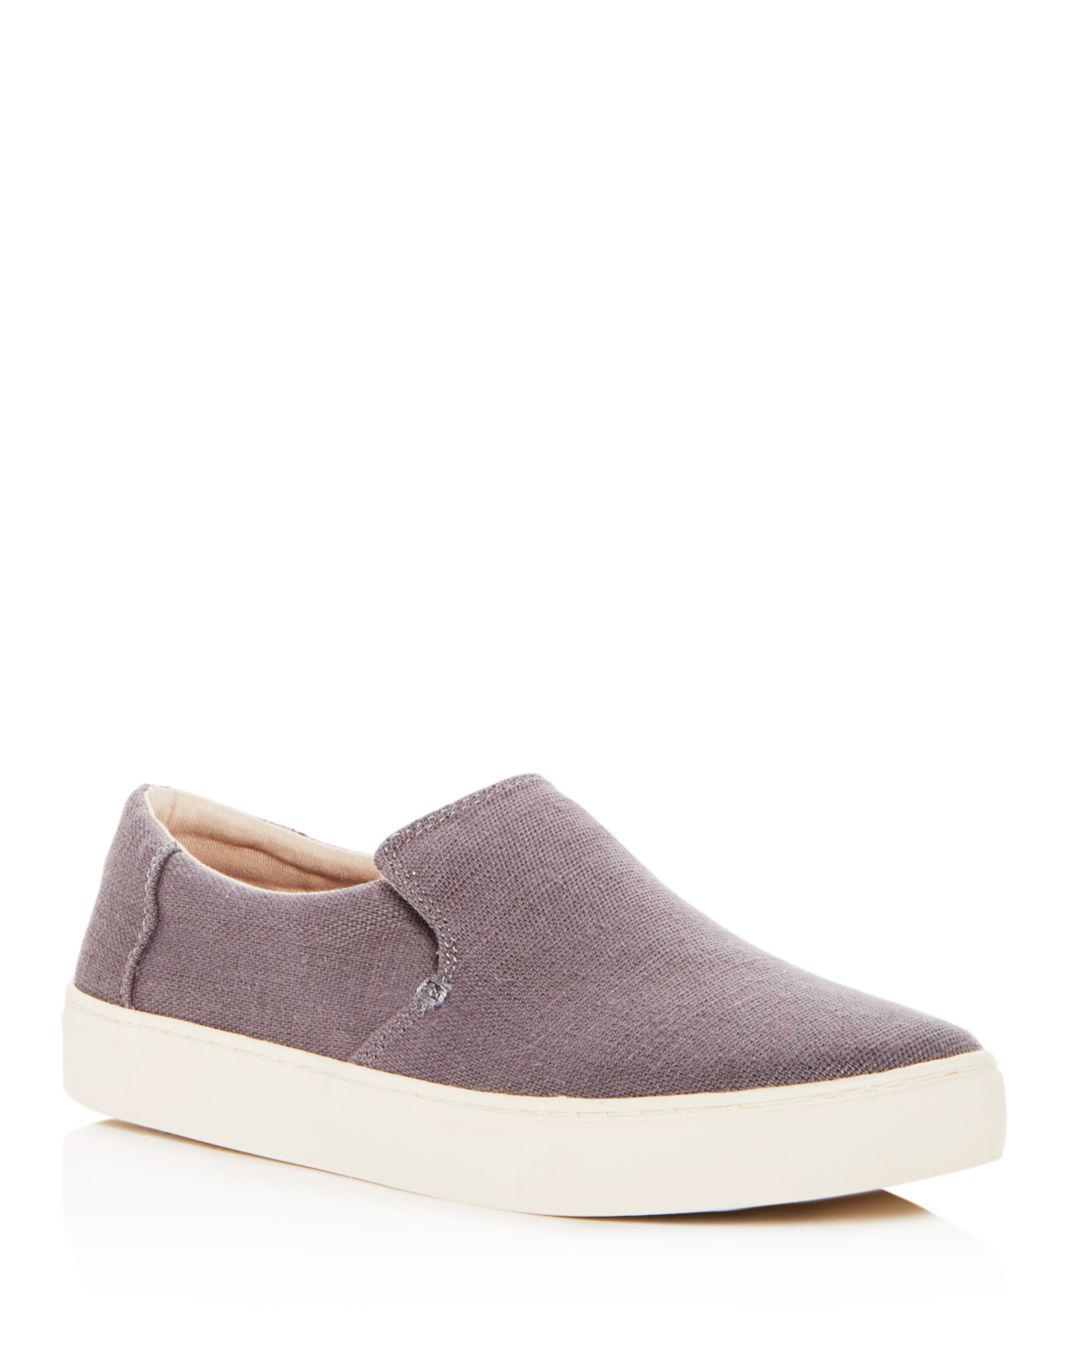 383b76cd510 Toms Men s Lomas Slip-on Sneakers in Gray for Men - Save ...